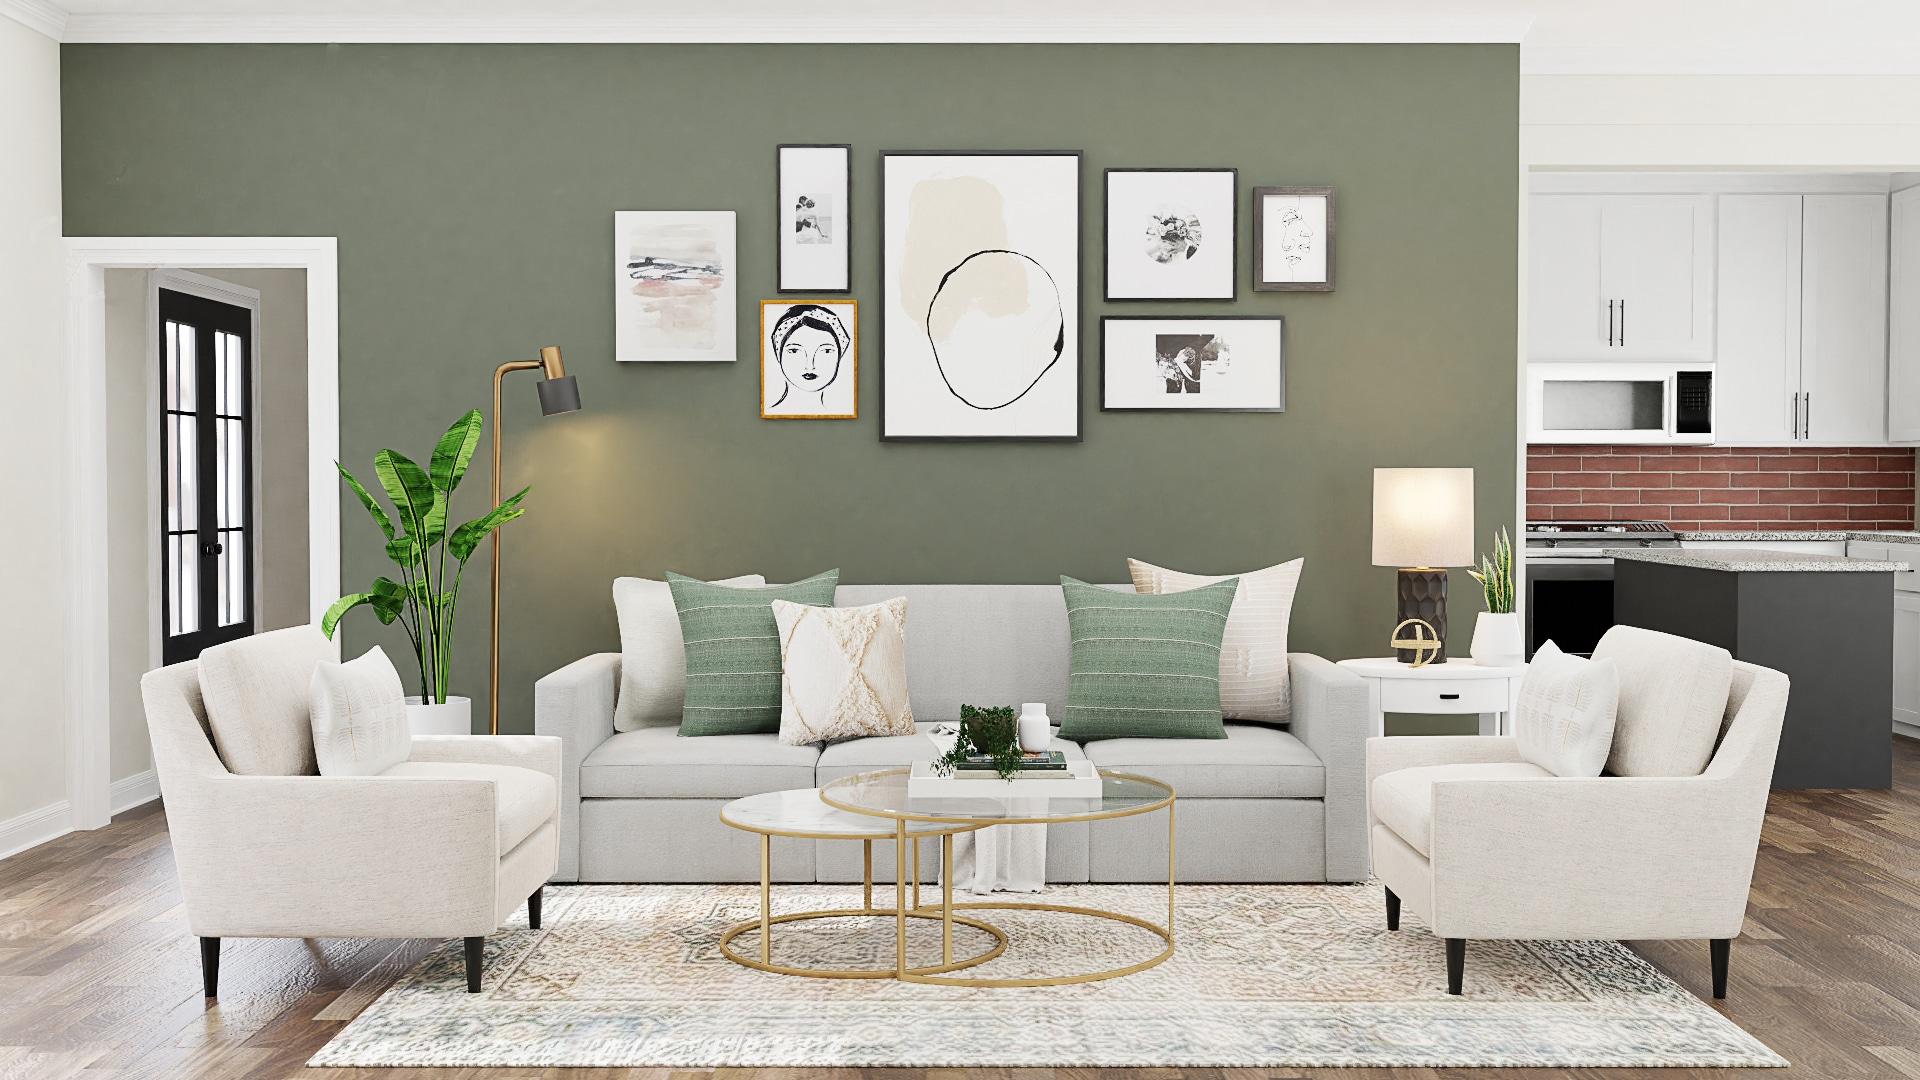 اختيار اللون المناسب لغرفة المعيشة